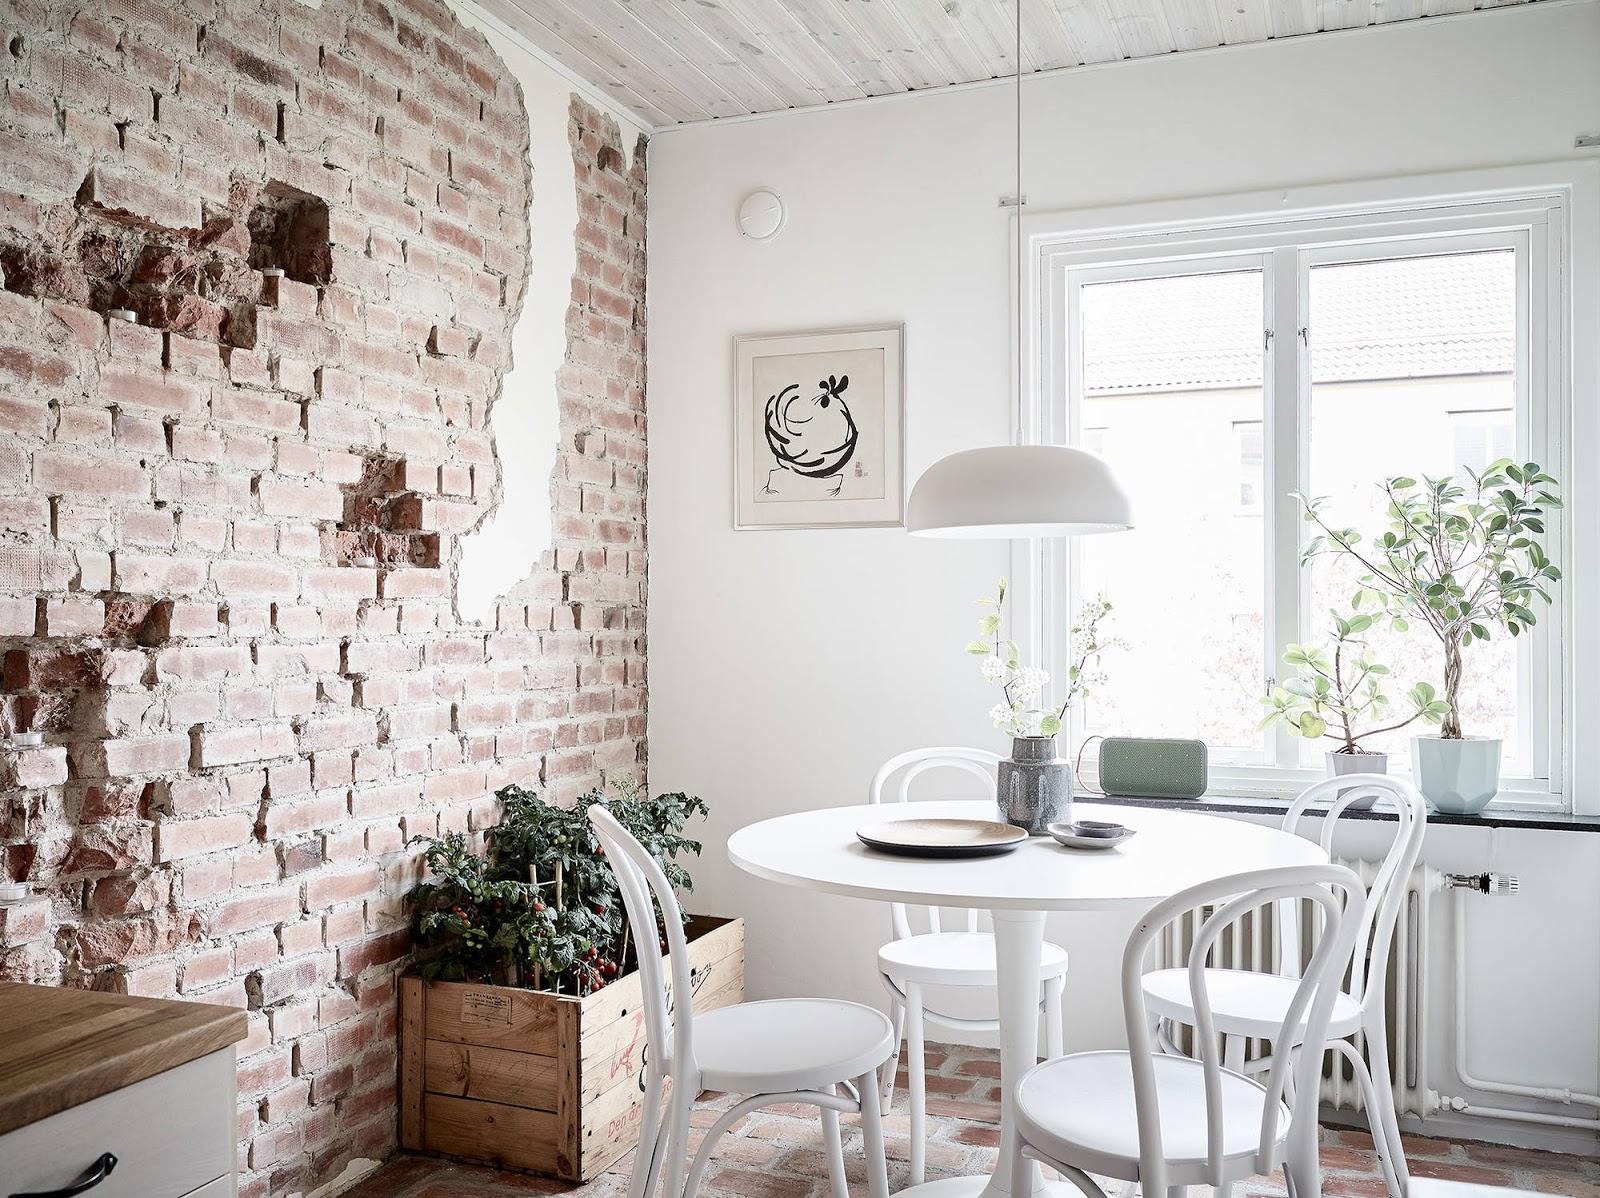 Cucina con mattoni a vista e dettagli architettonici ...